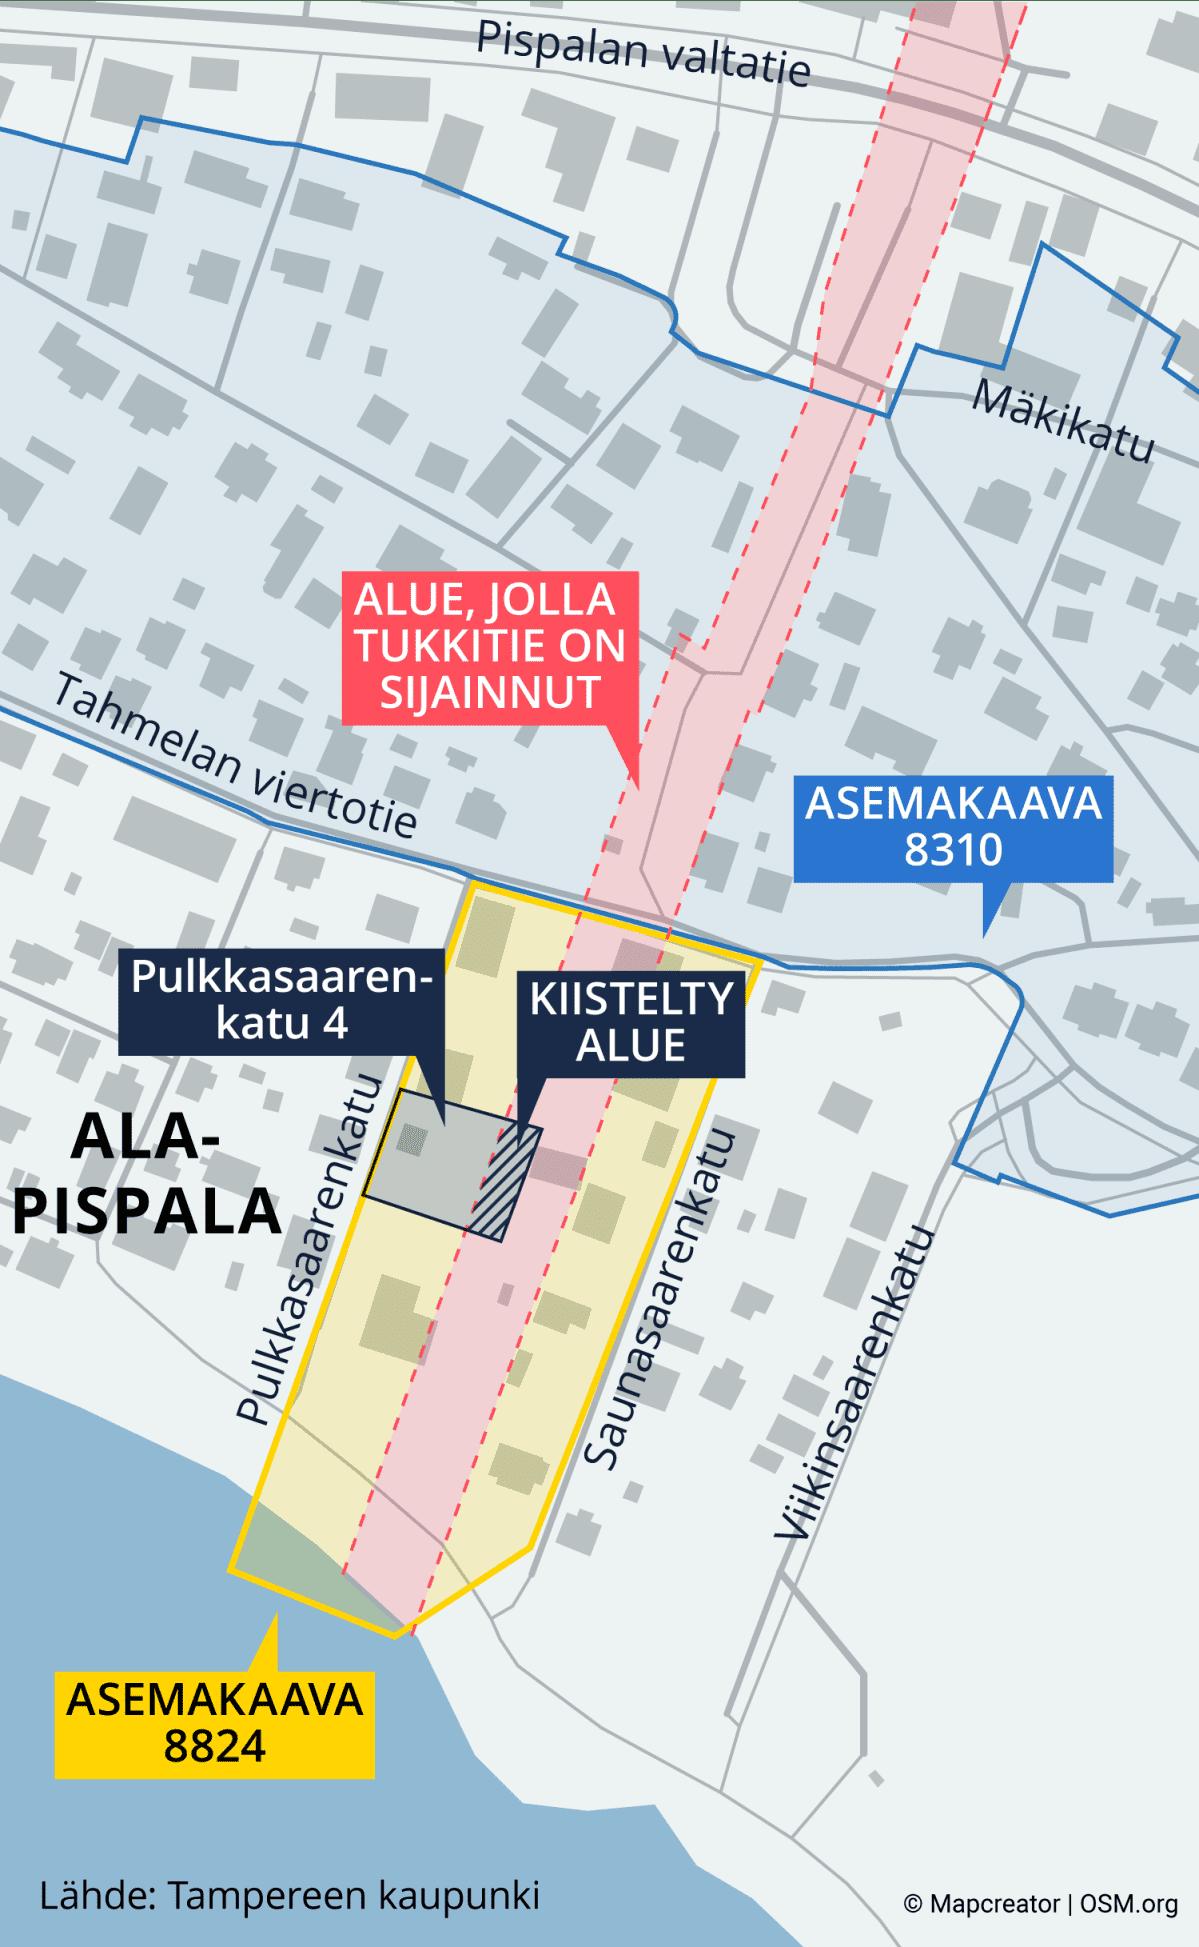 Kartta näyttää alueen, jolla punainen tukkitie on sijainnut sekä Pulkkasaarentie 4:n tontin ja kiistellyn alueen tontilla.